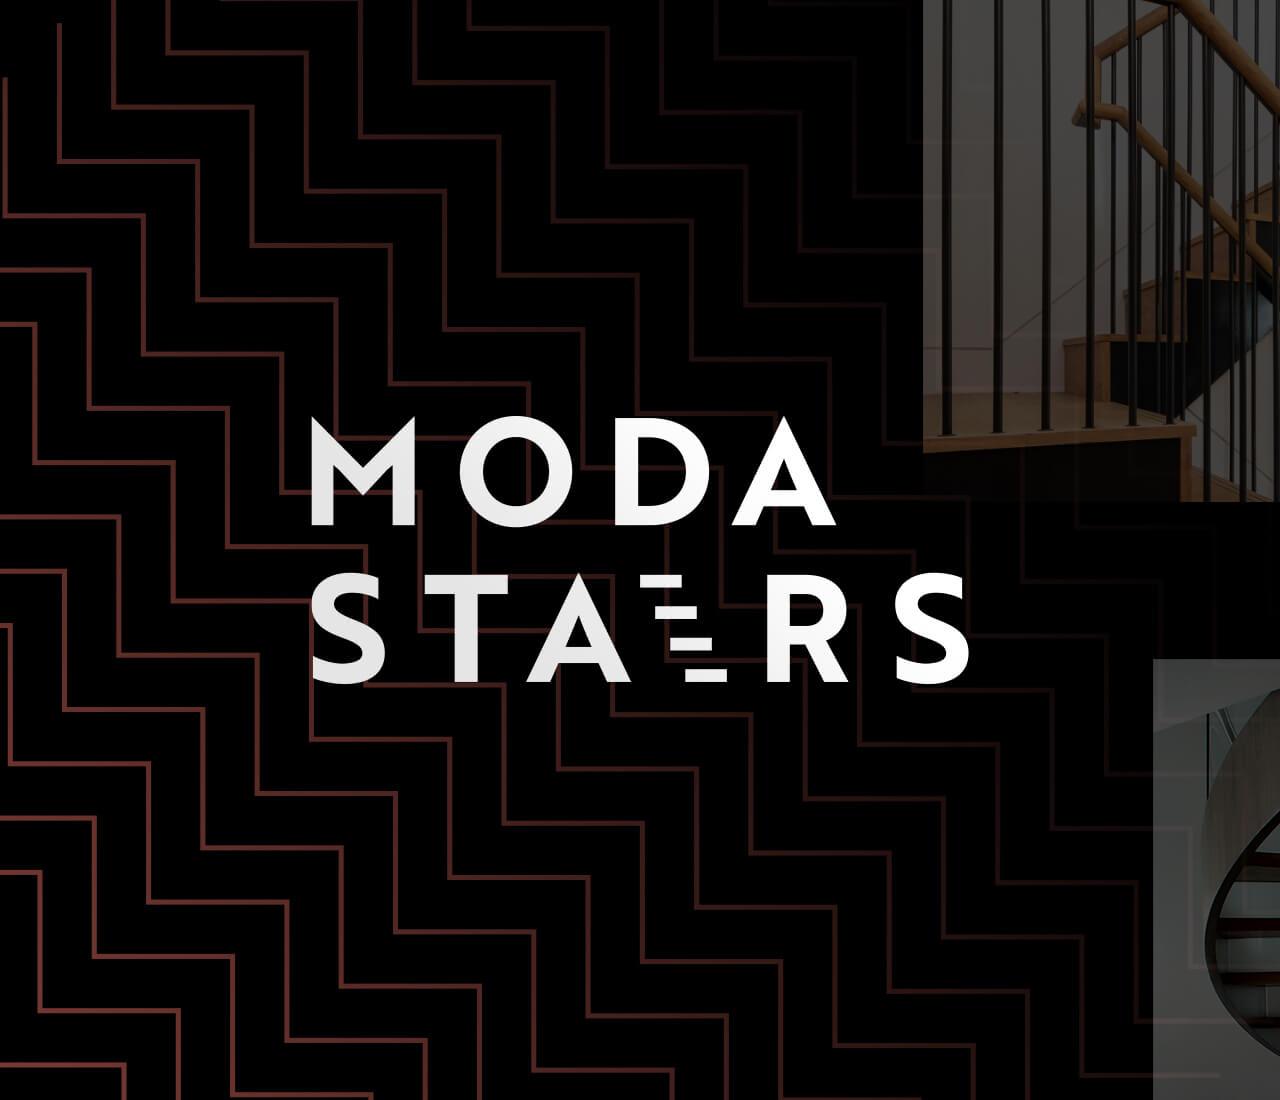 logo design for moda stairs uk